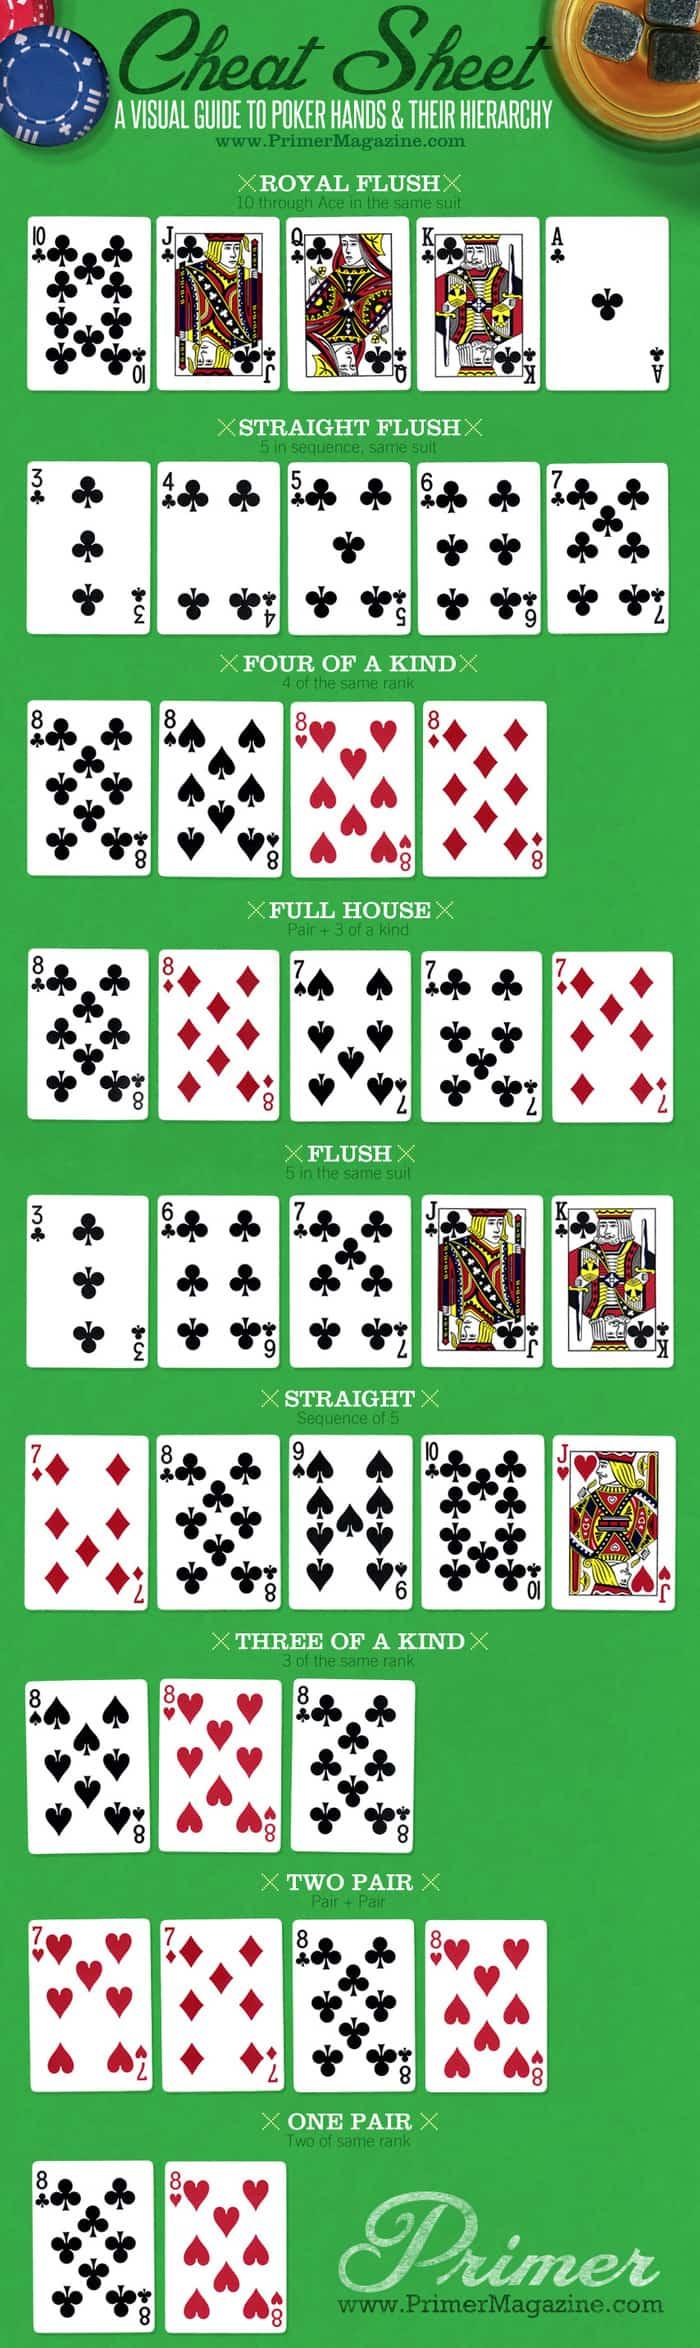 PokerHands